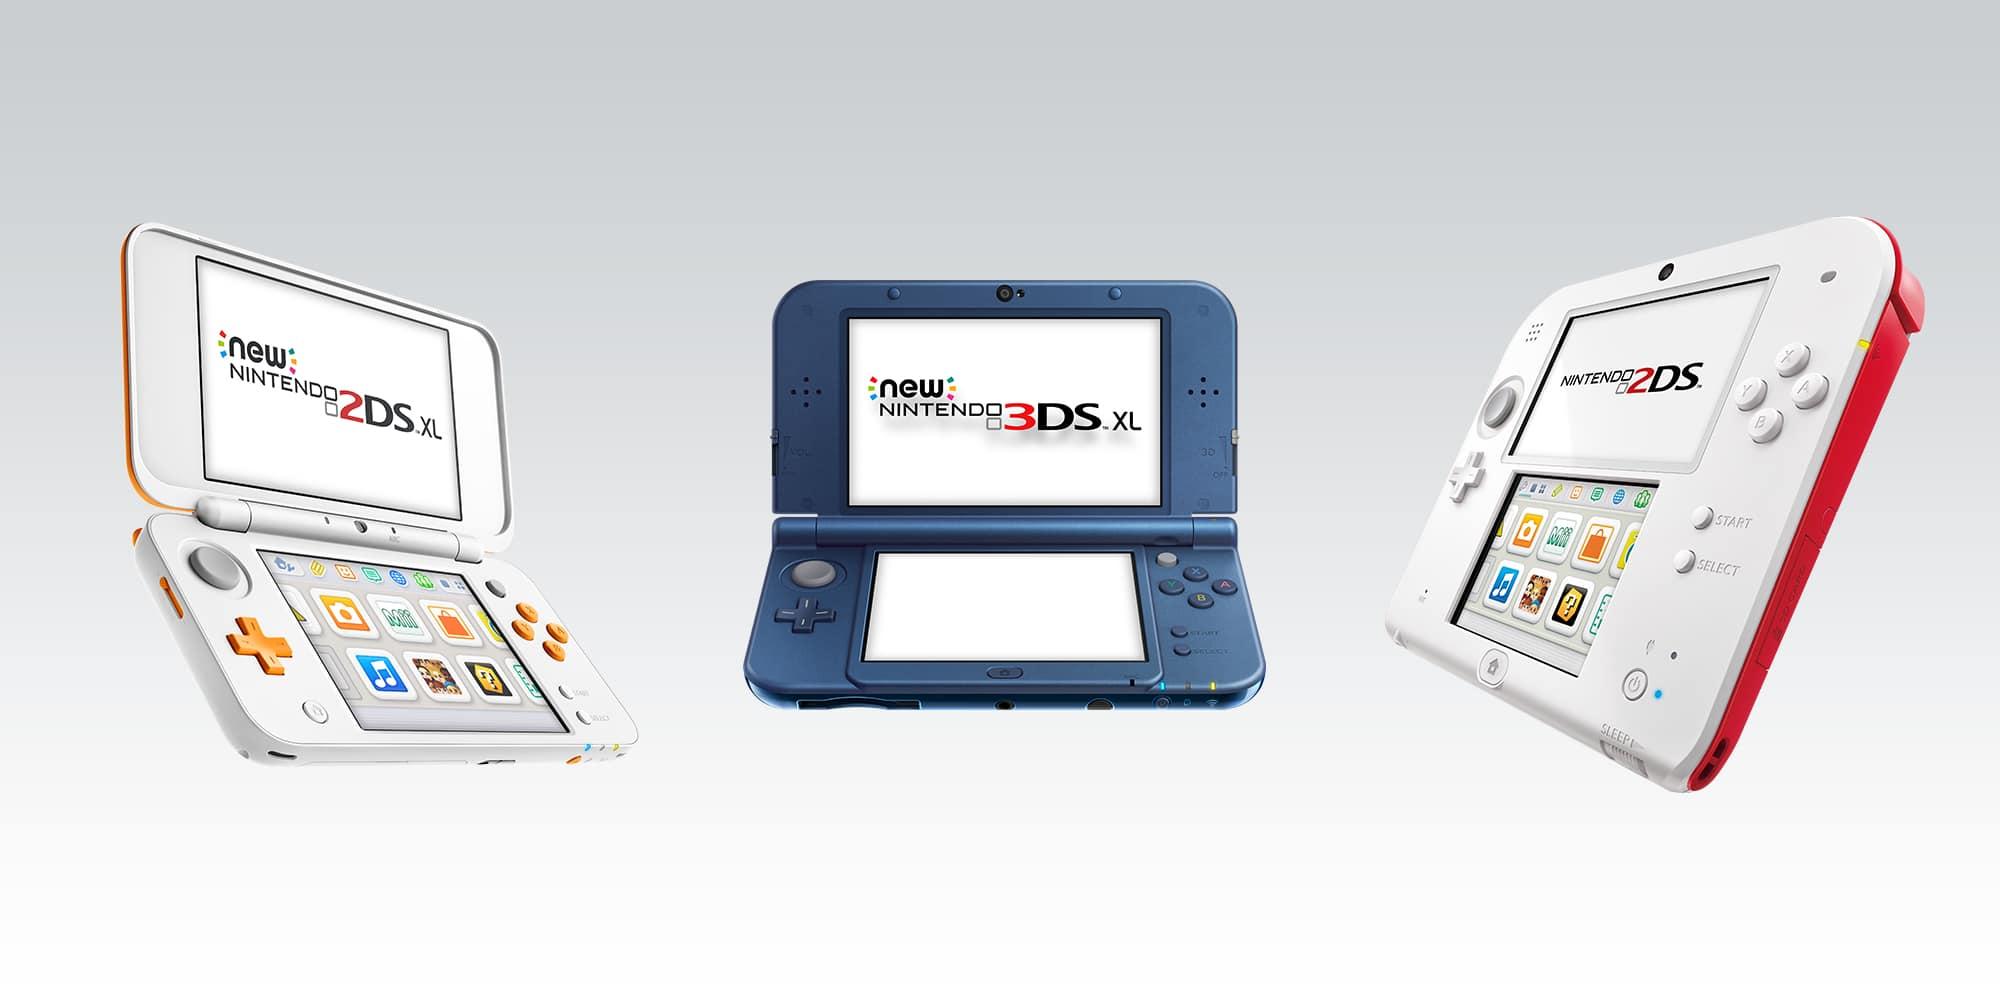 3DS Family - Nintendo 3DS addio: stop definitivo alla produzione